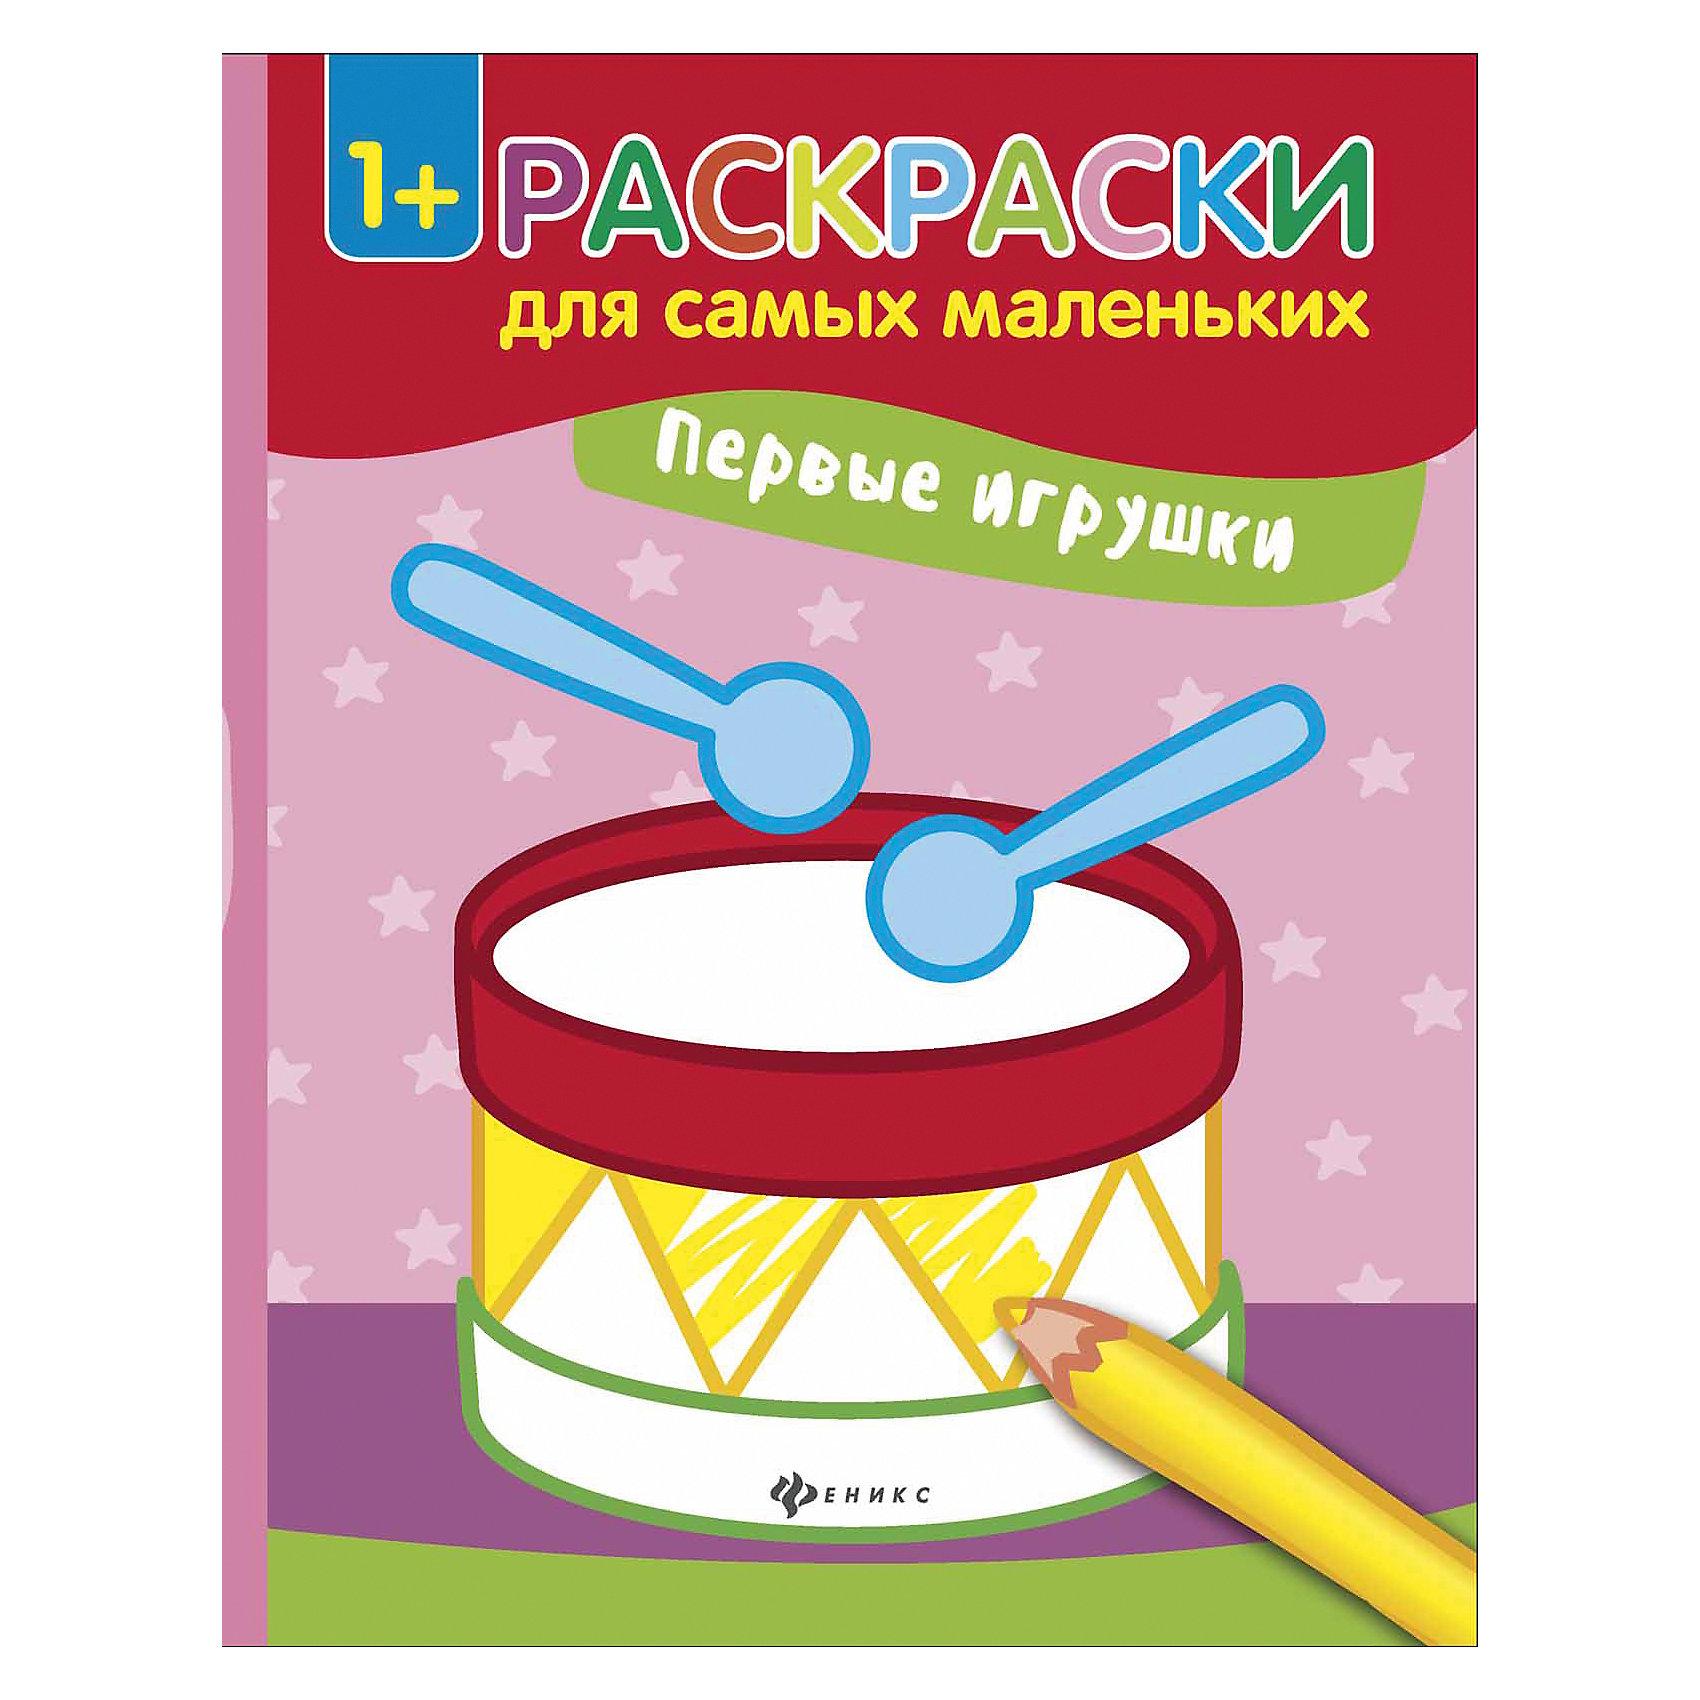 Раскраска Первые игрушкиРисование<br>Книжка-раскраска Первые игрушки<br><br>Характеристики: <br><br>• Кол-во страниц: 8<br>• ISBN: 9785222286692<br>• Возраст: 1+<br>• Обложка: мягкая<br>• Формат: а4<br><br>Эта увлекательная раскраска подойдет для использования детьми от 1 года. Все рисунки выполнены крупно, чтобы малышу было удобно ориентироваться в них, а так же имеют цветные контуры, которые помогут сориентироваться в выборе нужного цвета для раскрашивания картинки. Работа с такими книжками-раскрасками помогает развить мелкую моторику и воображение.<br><br>Книжка-раскраска Первые игрушки можно купить в нашем интернет-магазине.<br><br>Ширина мм: 260<br>Глубина мм: 200<br>Высота мм: 10<br>Вес г: 39<br>Возраст от месяцев: -2147483648<br>Возраст до месяцев: 2147483647<br>Пол: Унисекс<br>Возраст: Детский<br>SKU: 5464526